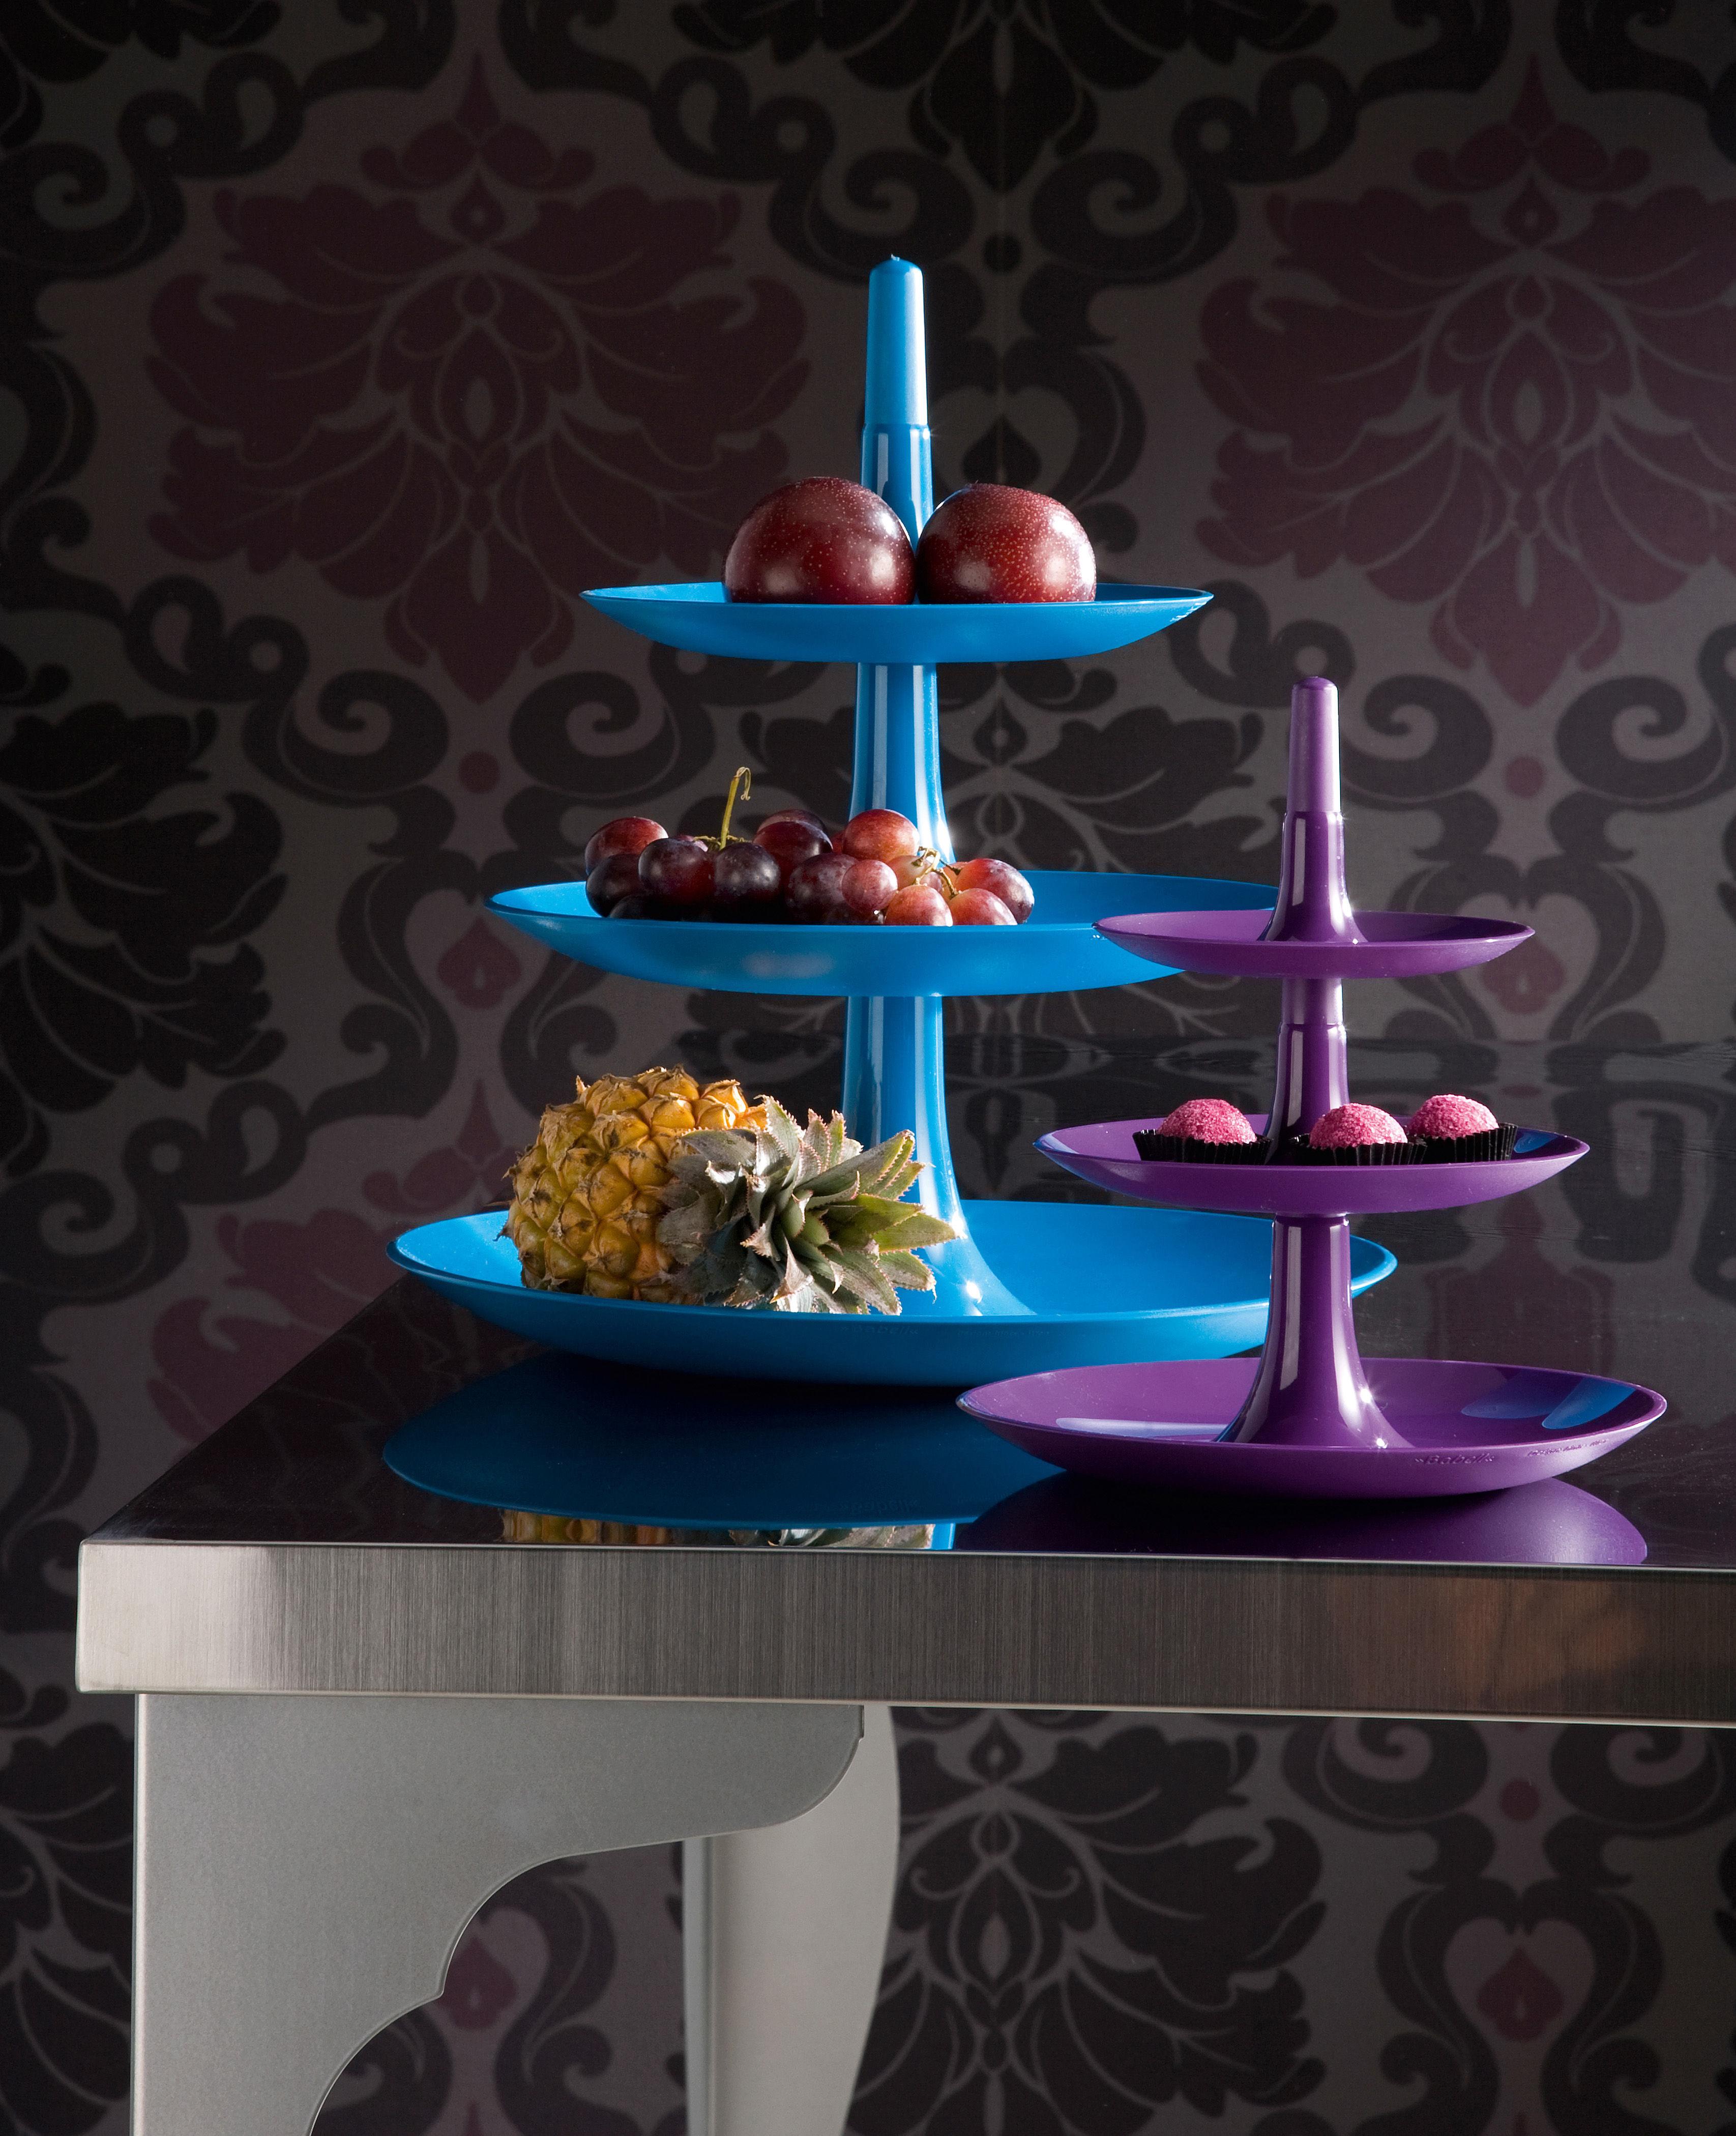 porte fruits babell 31 4 x h 34 cm prune koziol. Black Bedroom Furniture Sets. Home Design Ideas